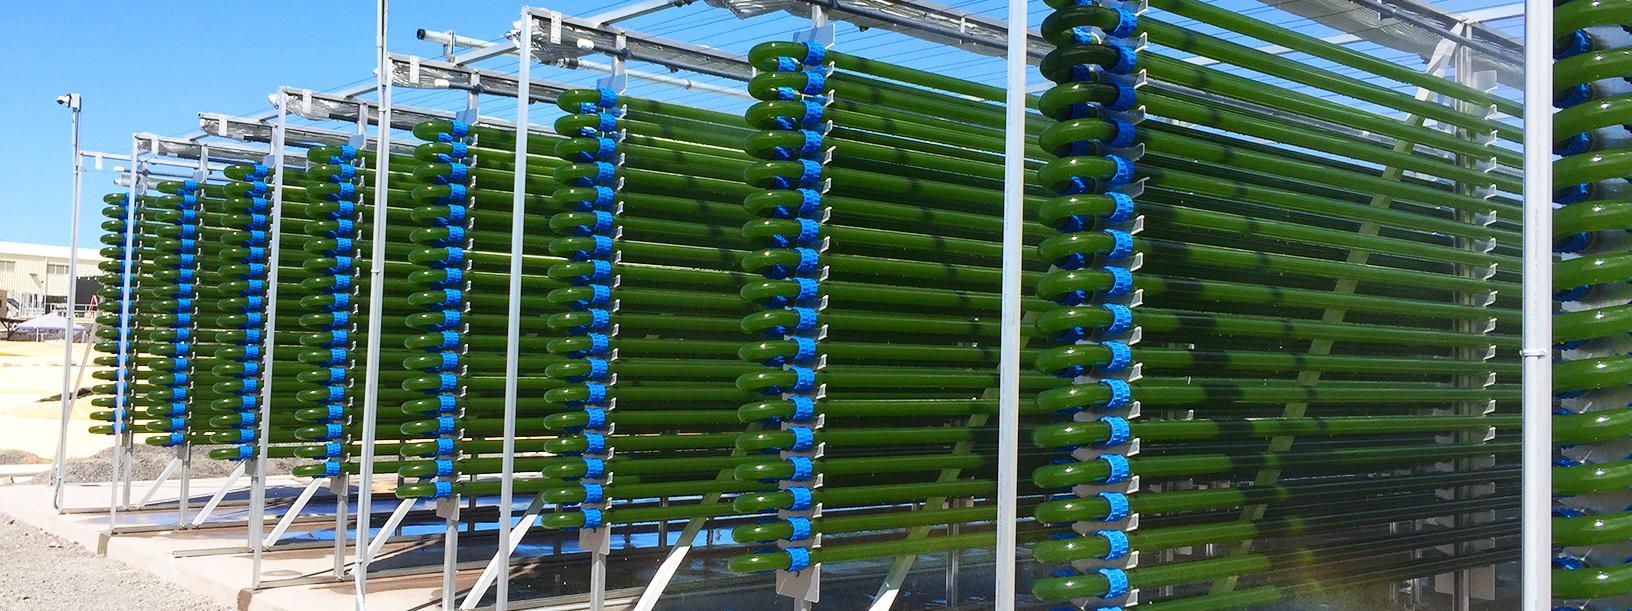 Microalgas podem tratar efluentes e gerar energia